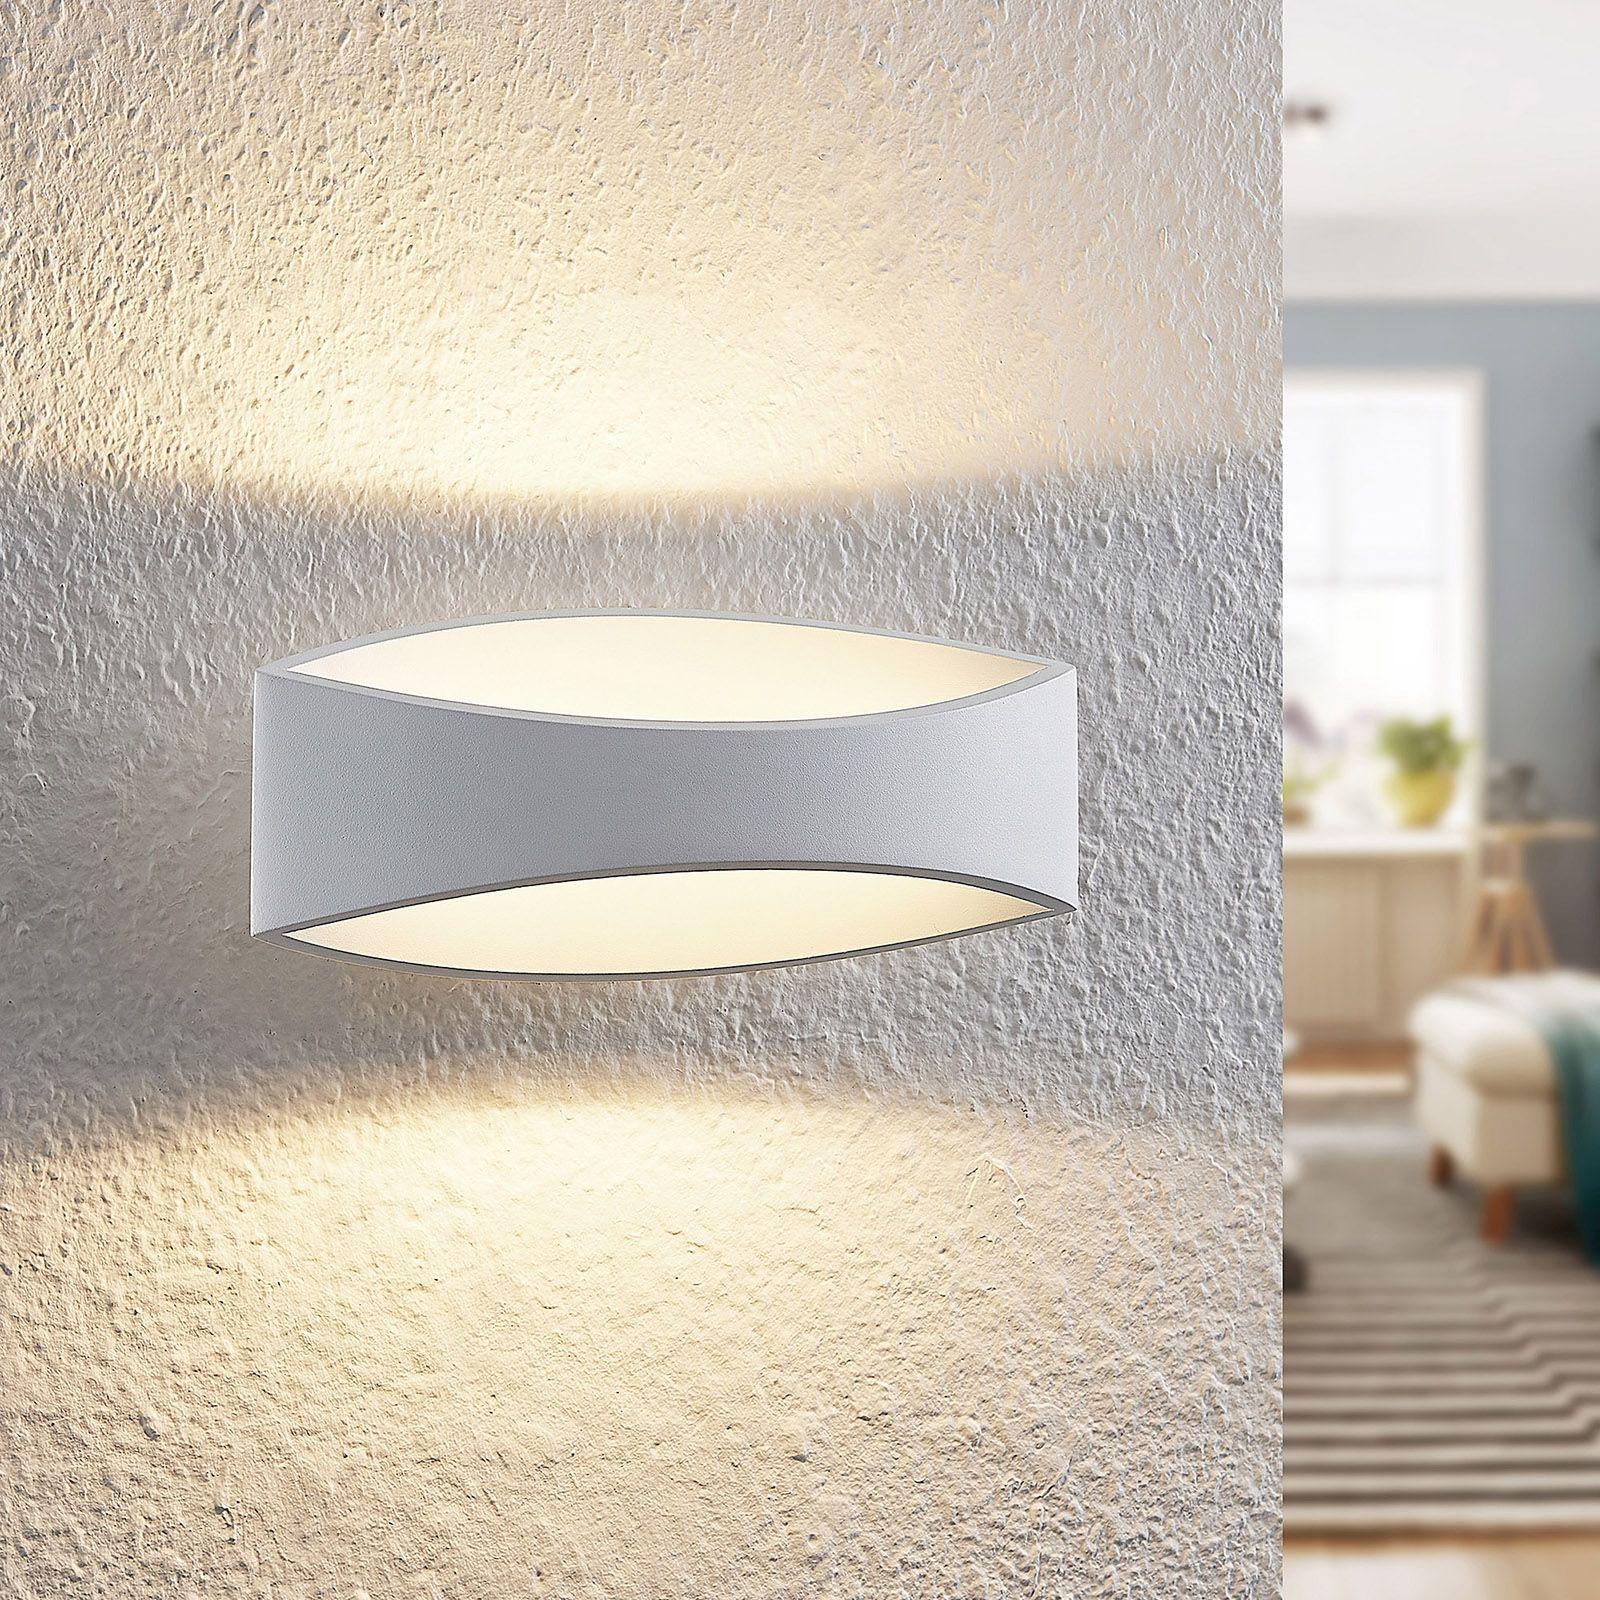 Arcchio Jelle applique LED, 25cm, blanche